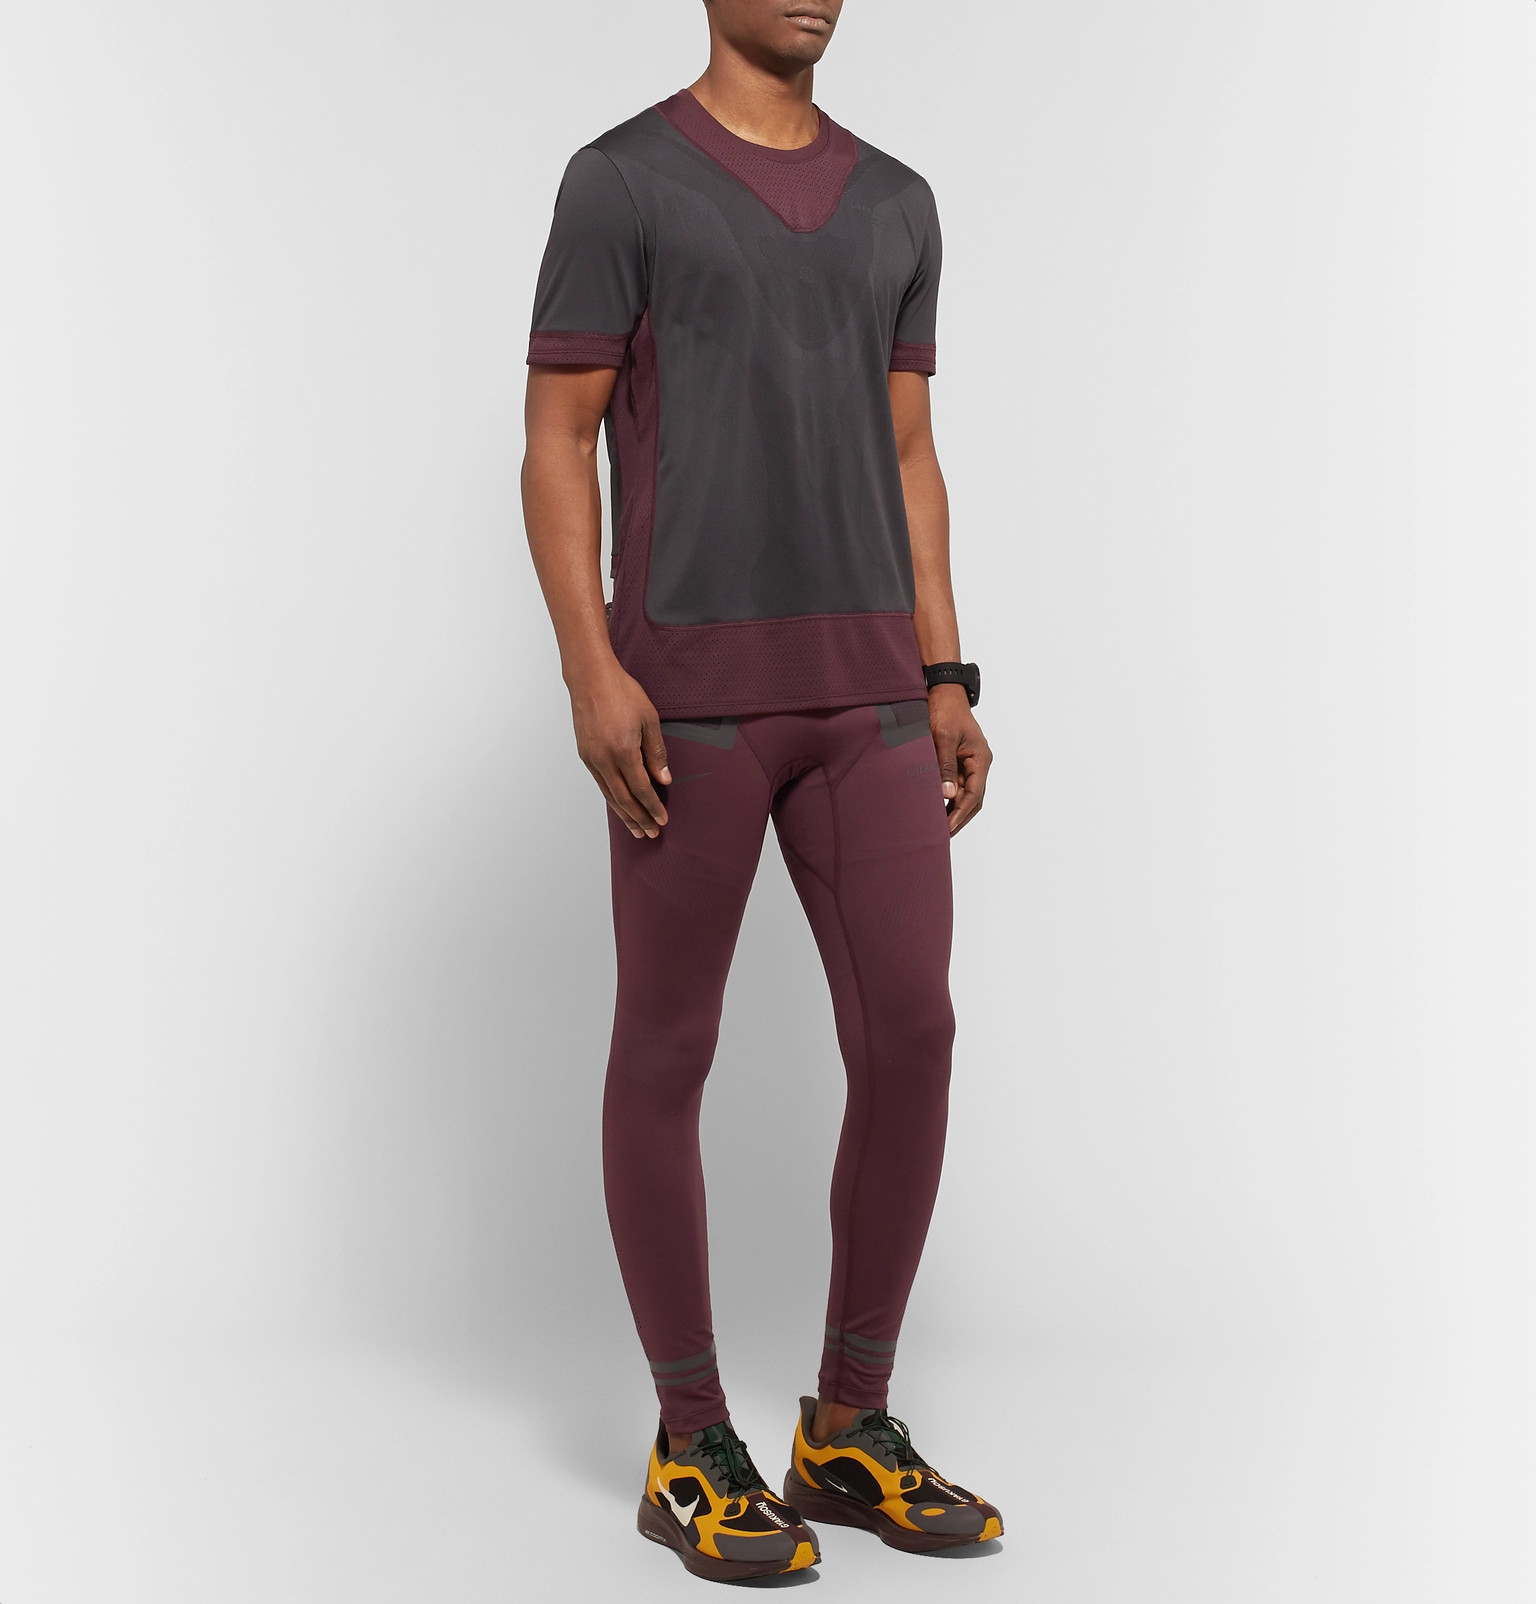 83a5082849eb9 Nike x Undercover - + GYAKUSOU Dri-FIT TechKnit Running Tights